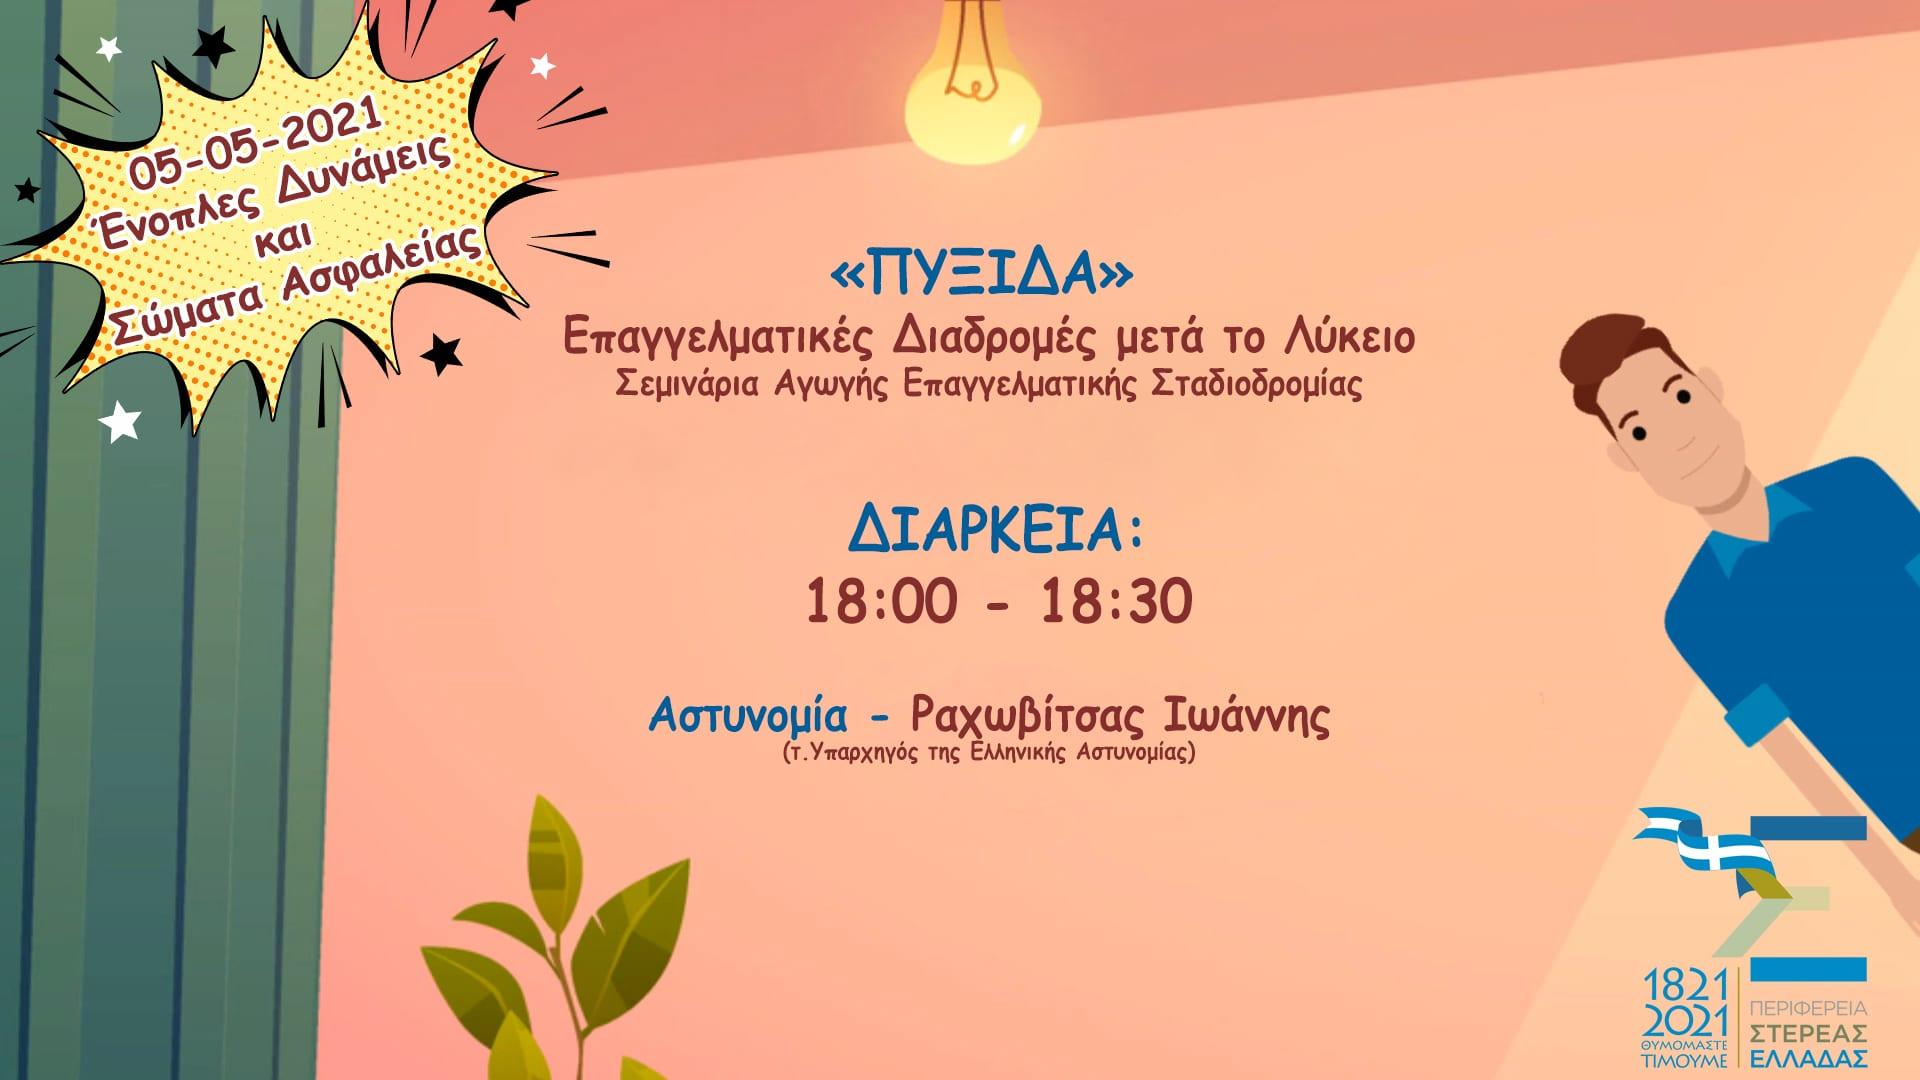 9η ημέρα σεμημαρίων ΠΥΞΙΔΑ:, Περιφέρεια Στερεάς Ελλάδας – 9η ημέρα σεμιμαρίων ΠΥΞΙΔΑ: Τετάρτη 05/05, με θέμα ΑΣΤΥΝΟΜΙΑ – ΛΙΜΕΝΙΚΟ -ΠΥΡΟΣΒΕΣΤΙΚΗ, Eviathema.gr | Εύβοια Τοπ Νέα Ειδήσεις